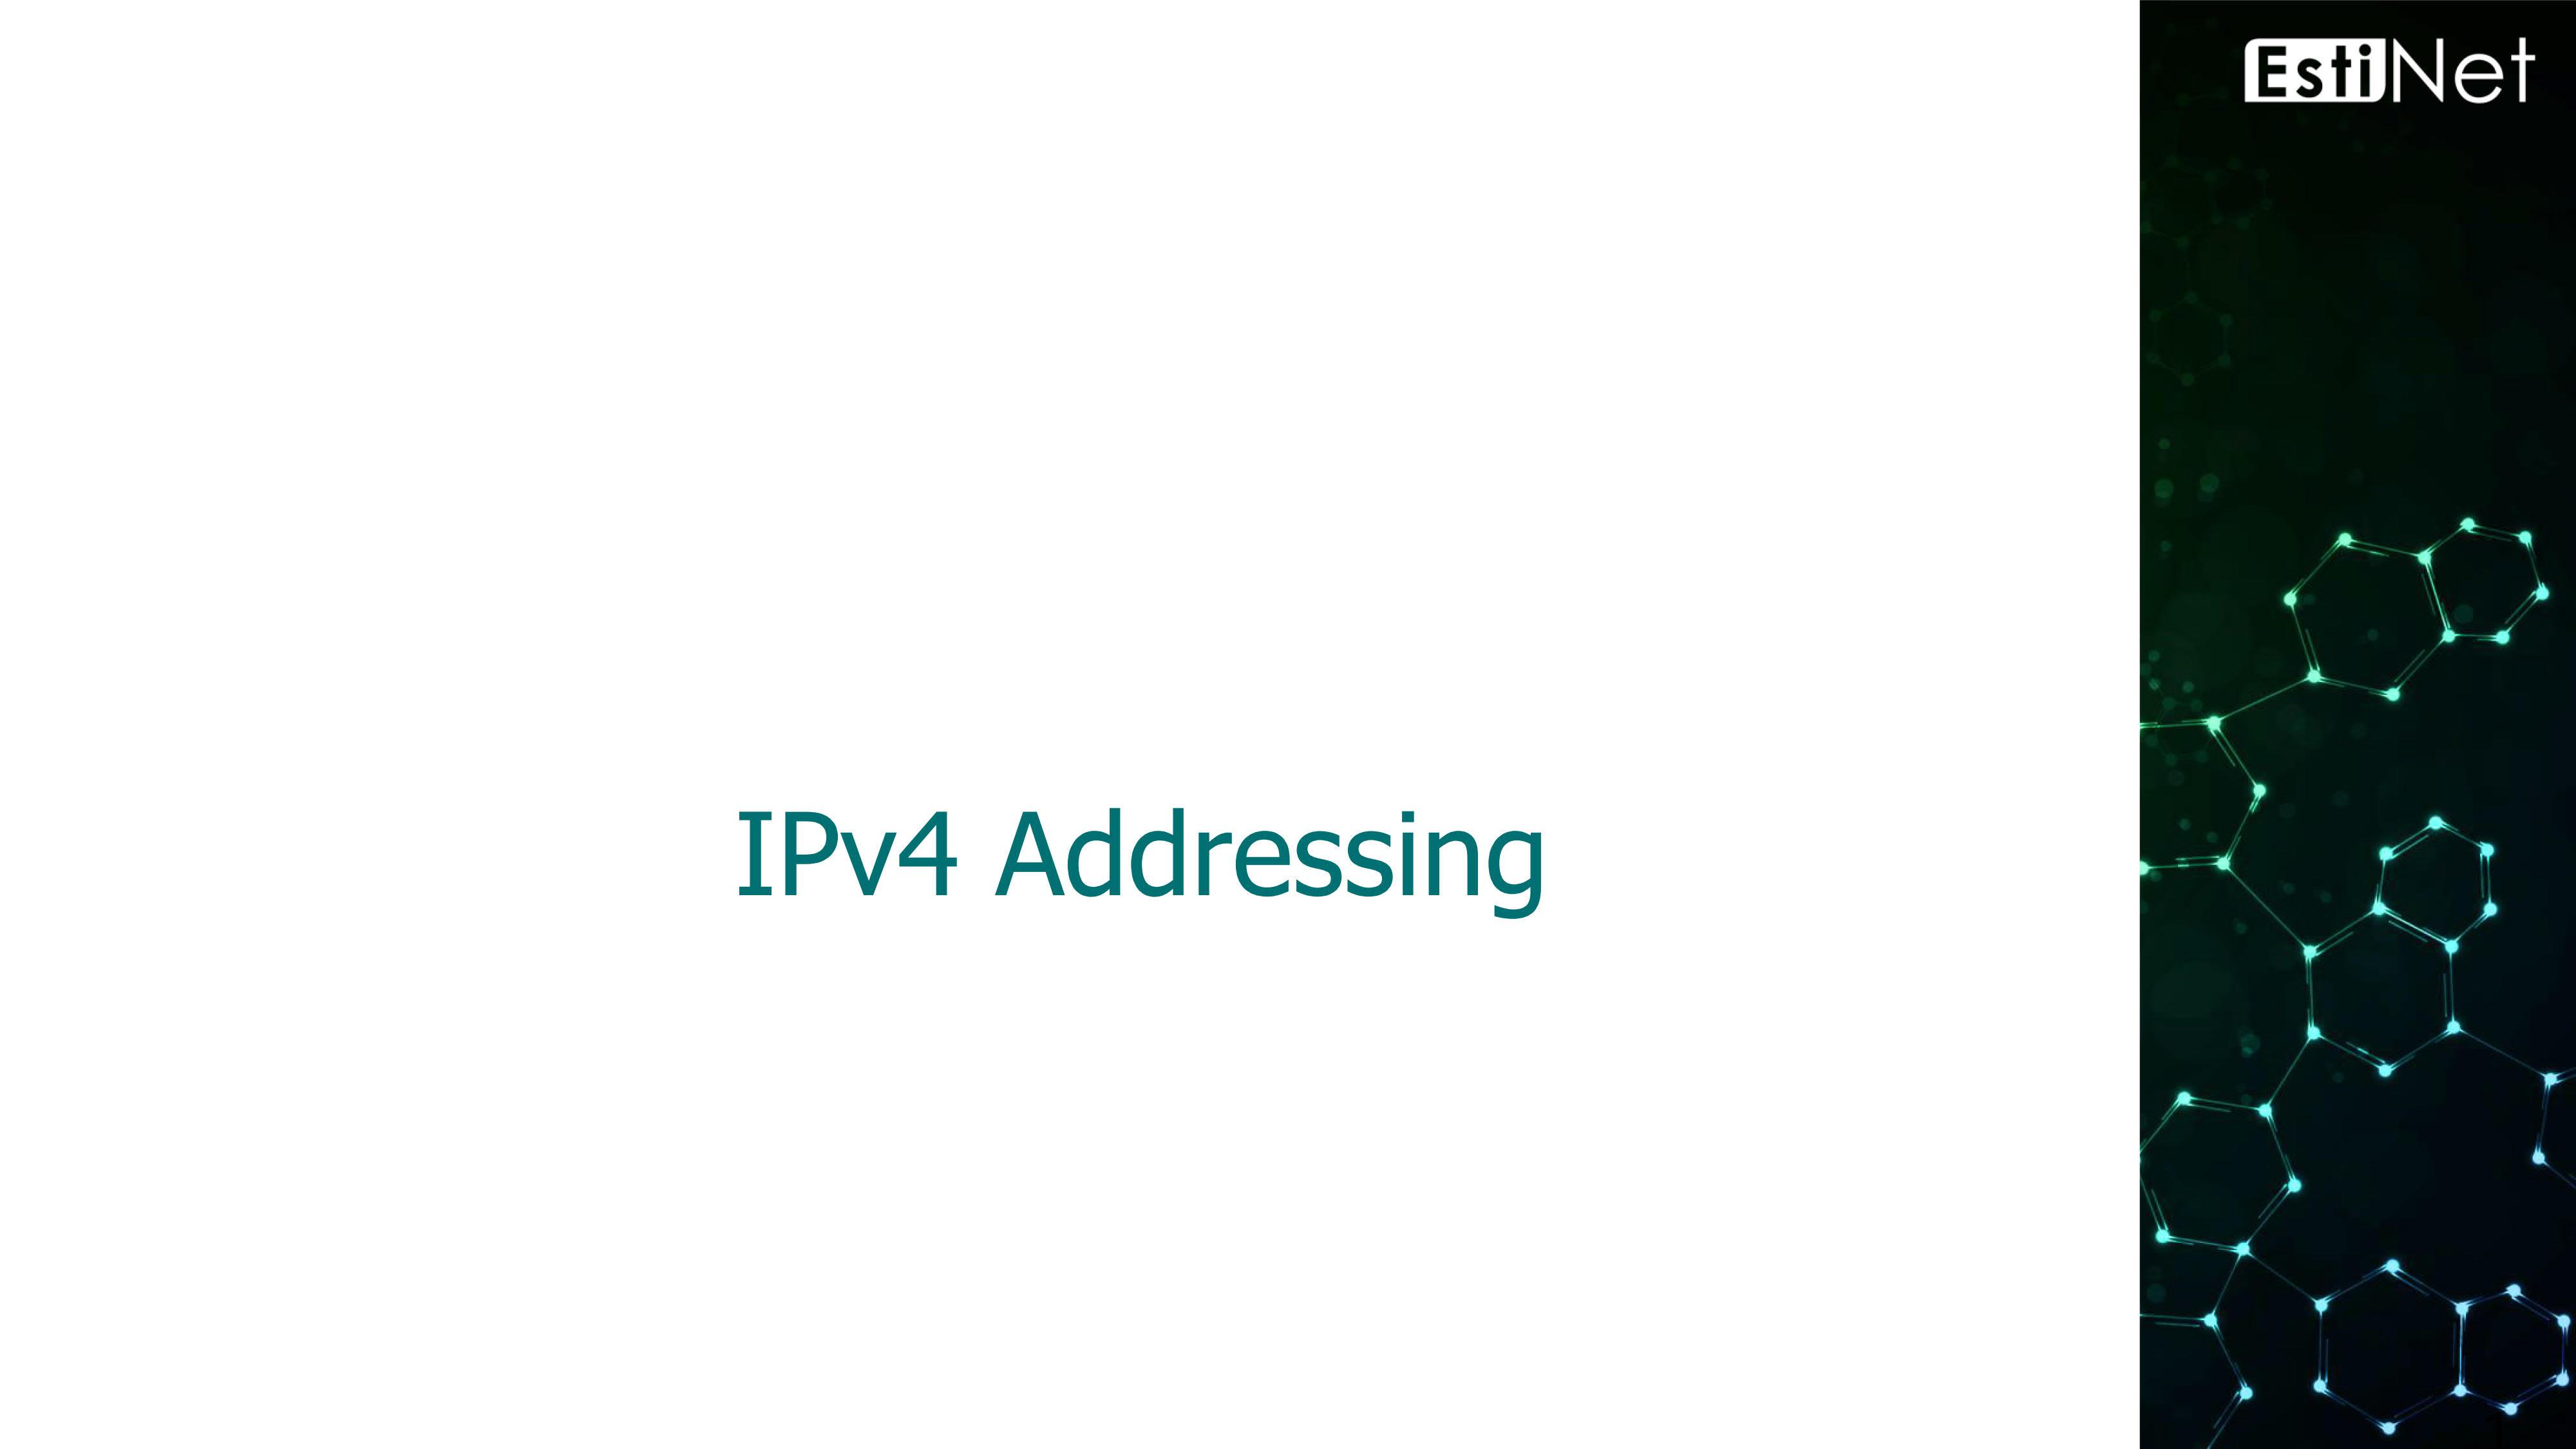 IPv4 Addressing_01